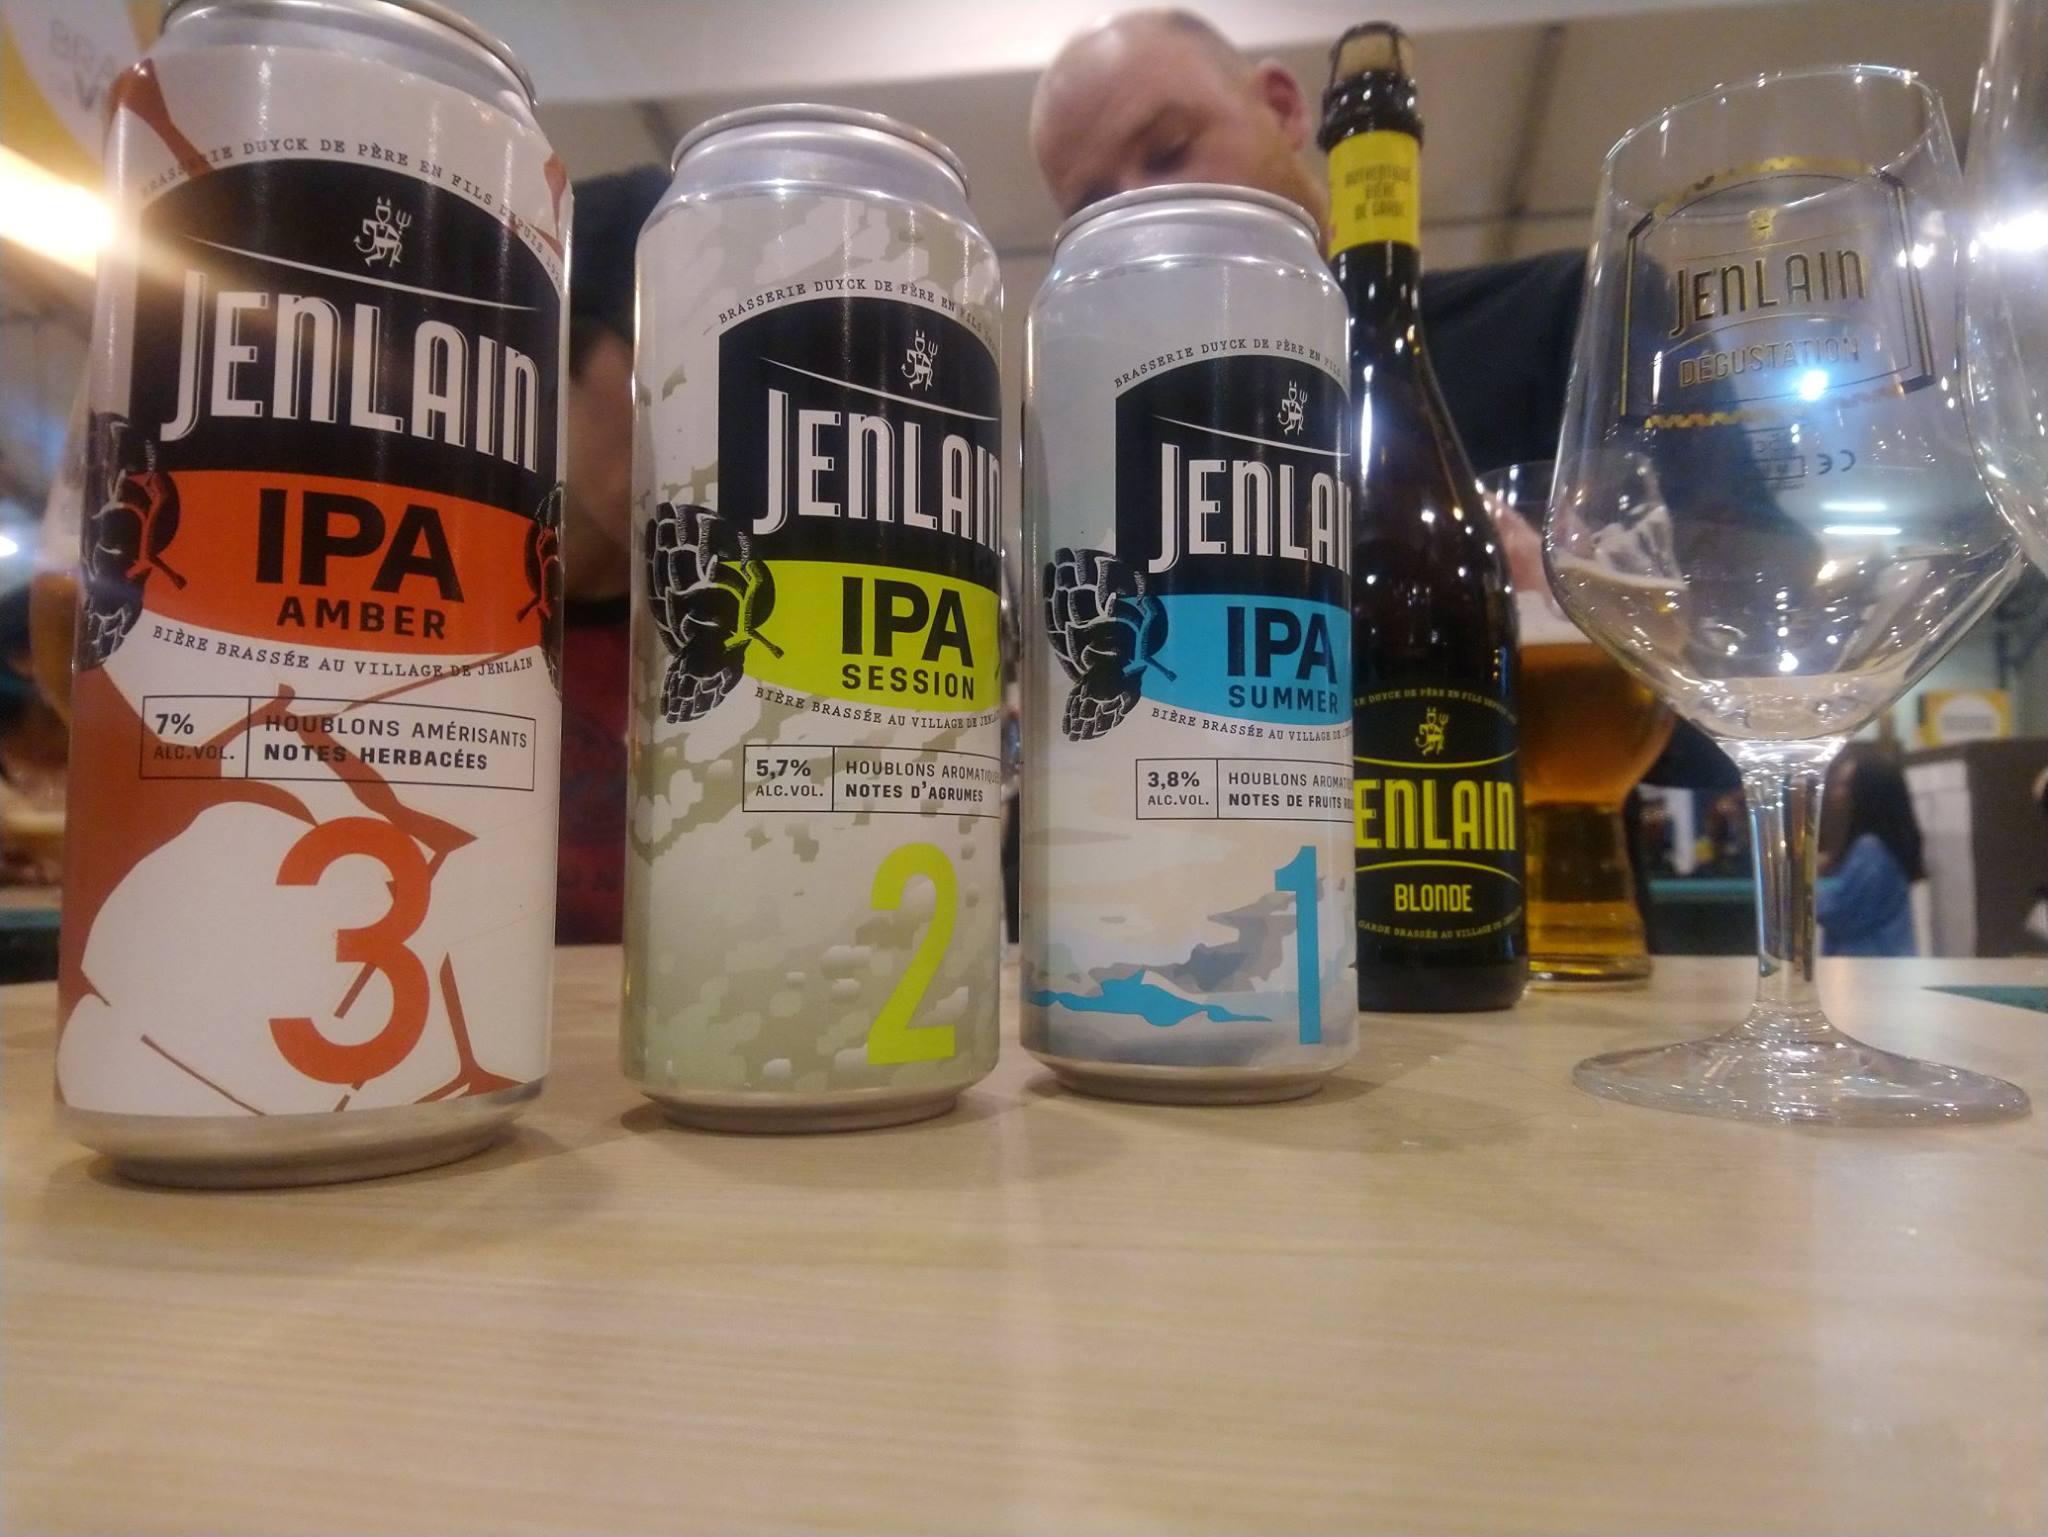 Nouvelle gamme IPA 1,2,3 de Jenlain